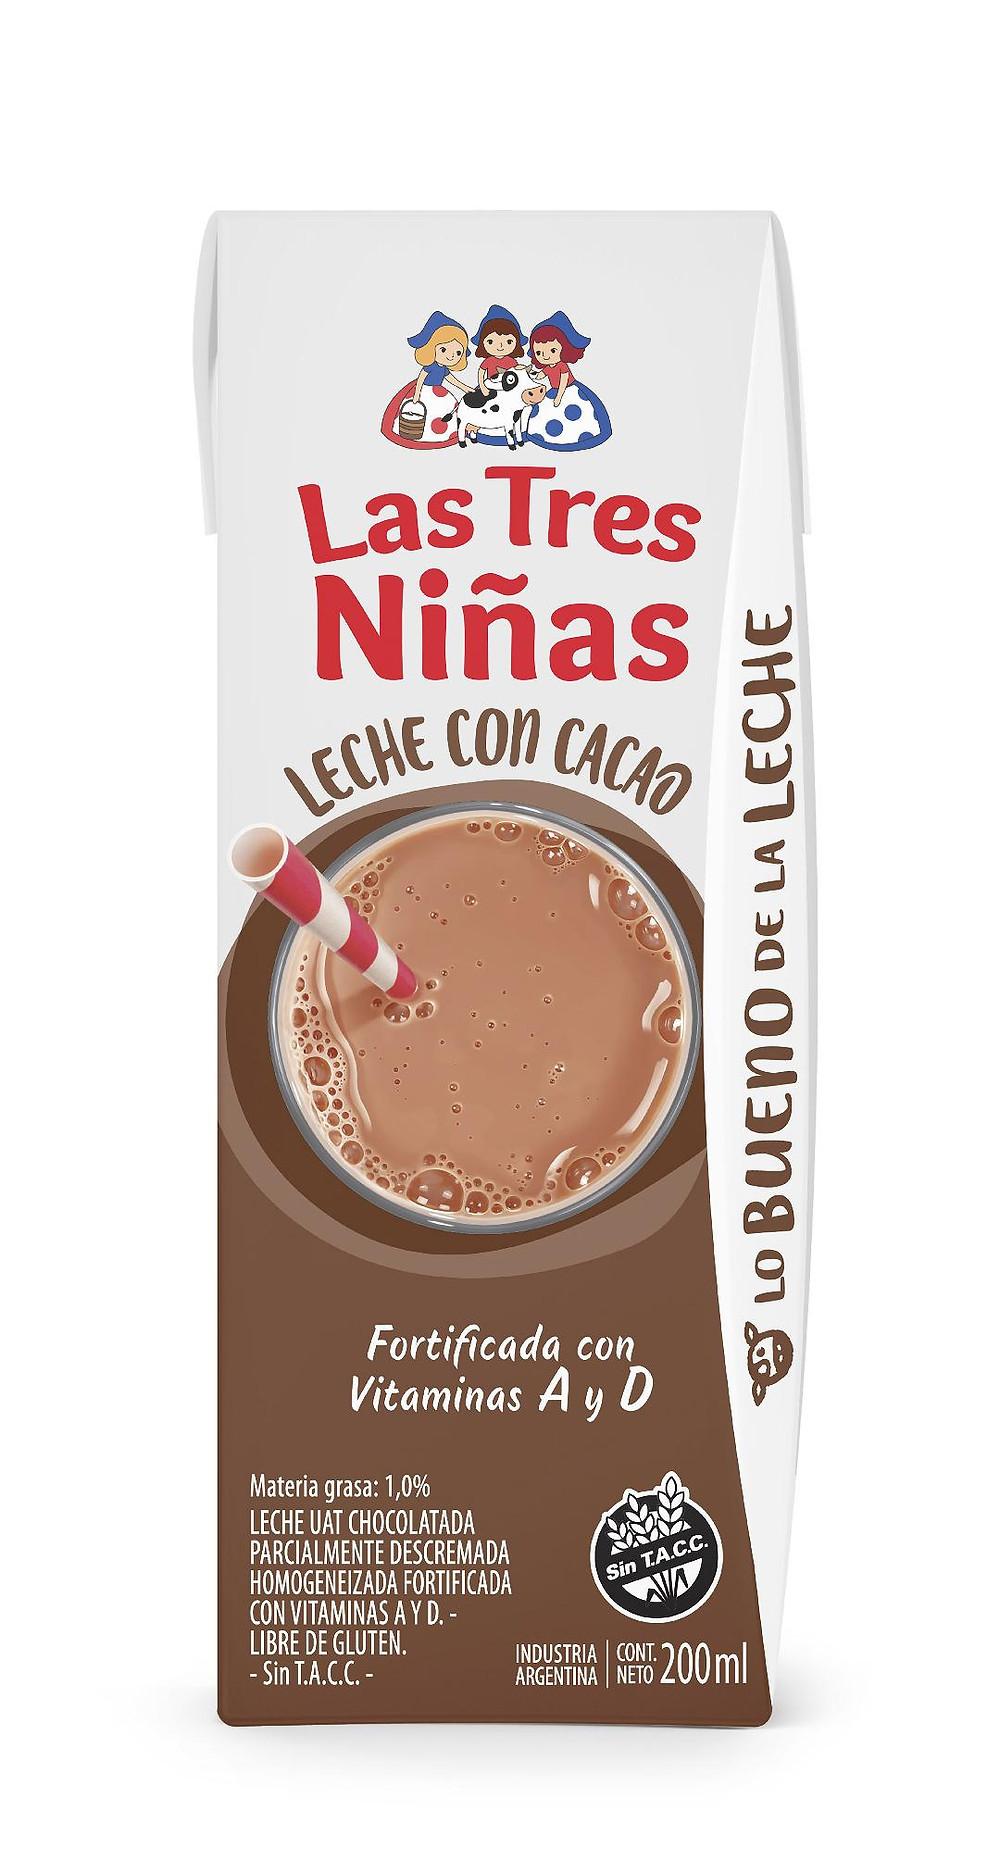 nueva Leche con cacao Las Tres Niñas